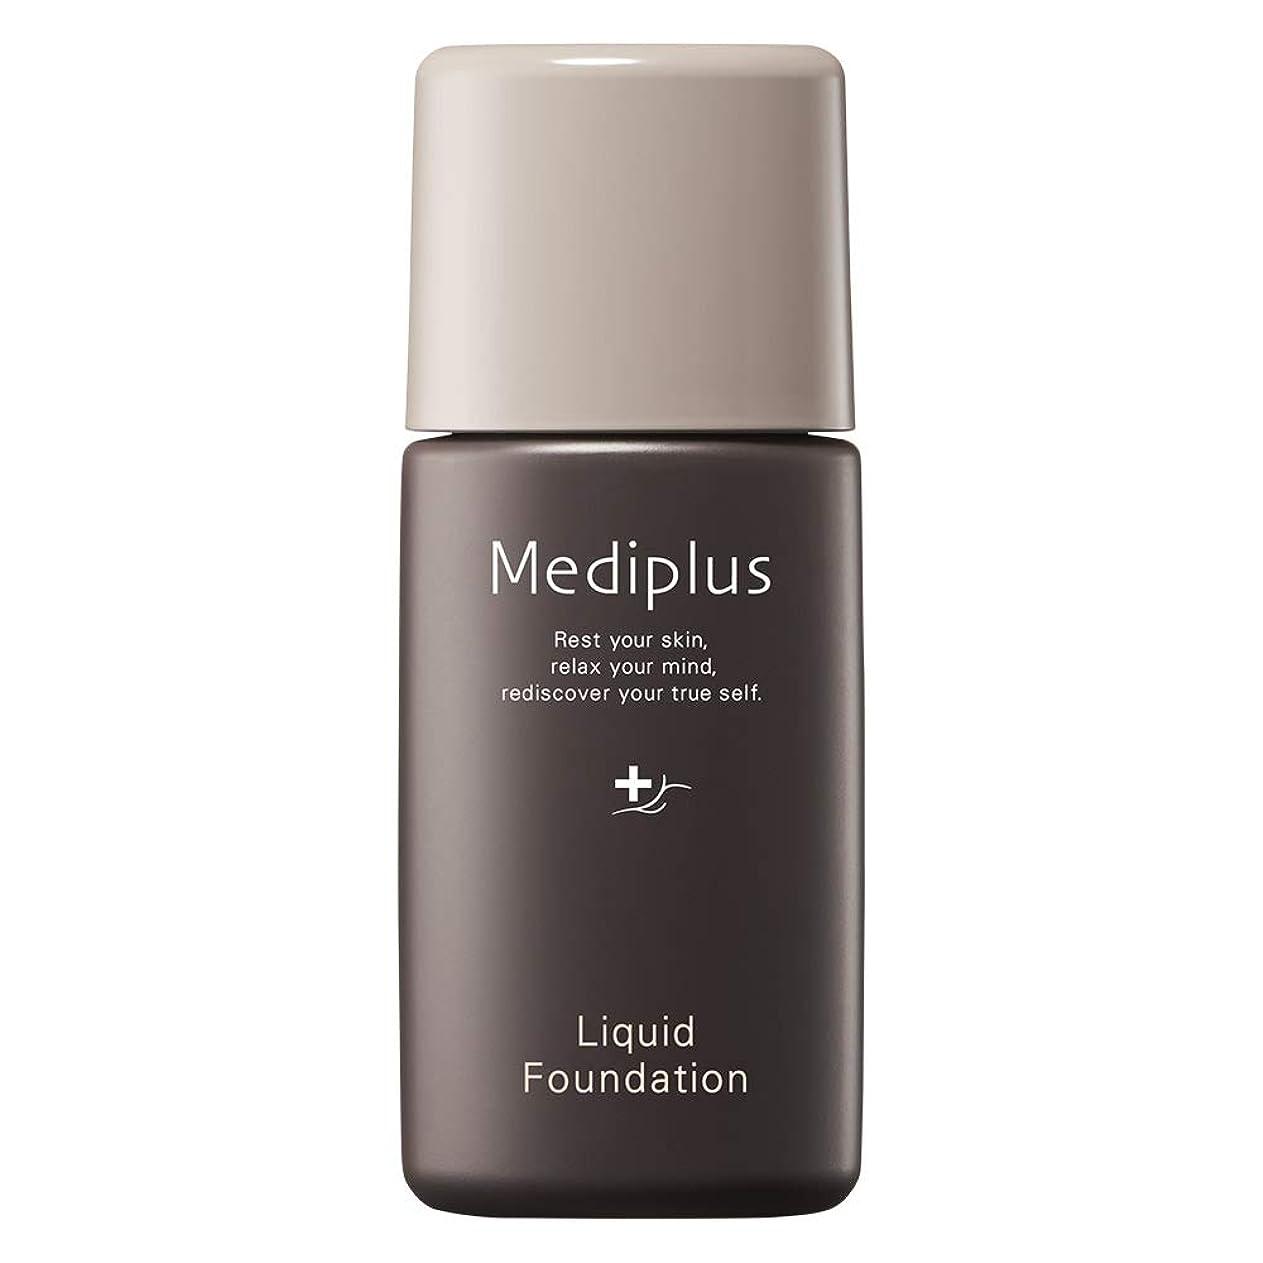 ホーム柱指標mediplus メディプラス リキッドファンデーション 20g (約4~5ヵ月分) (ナチュラル)